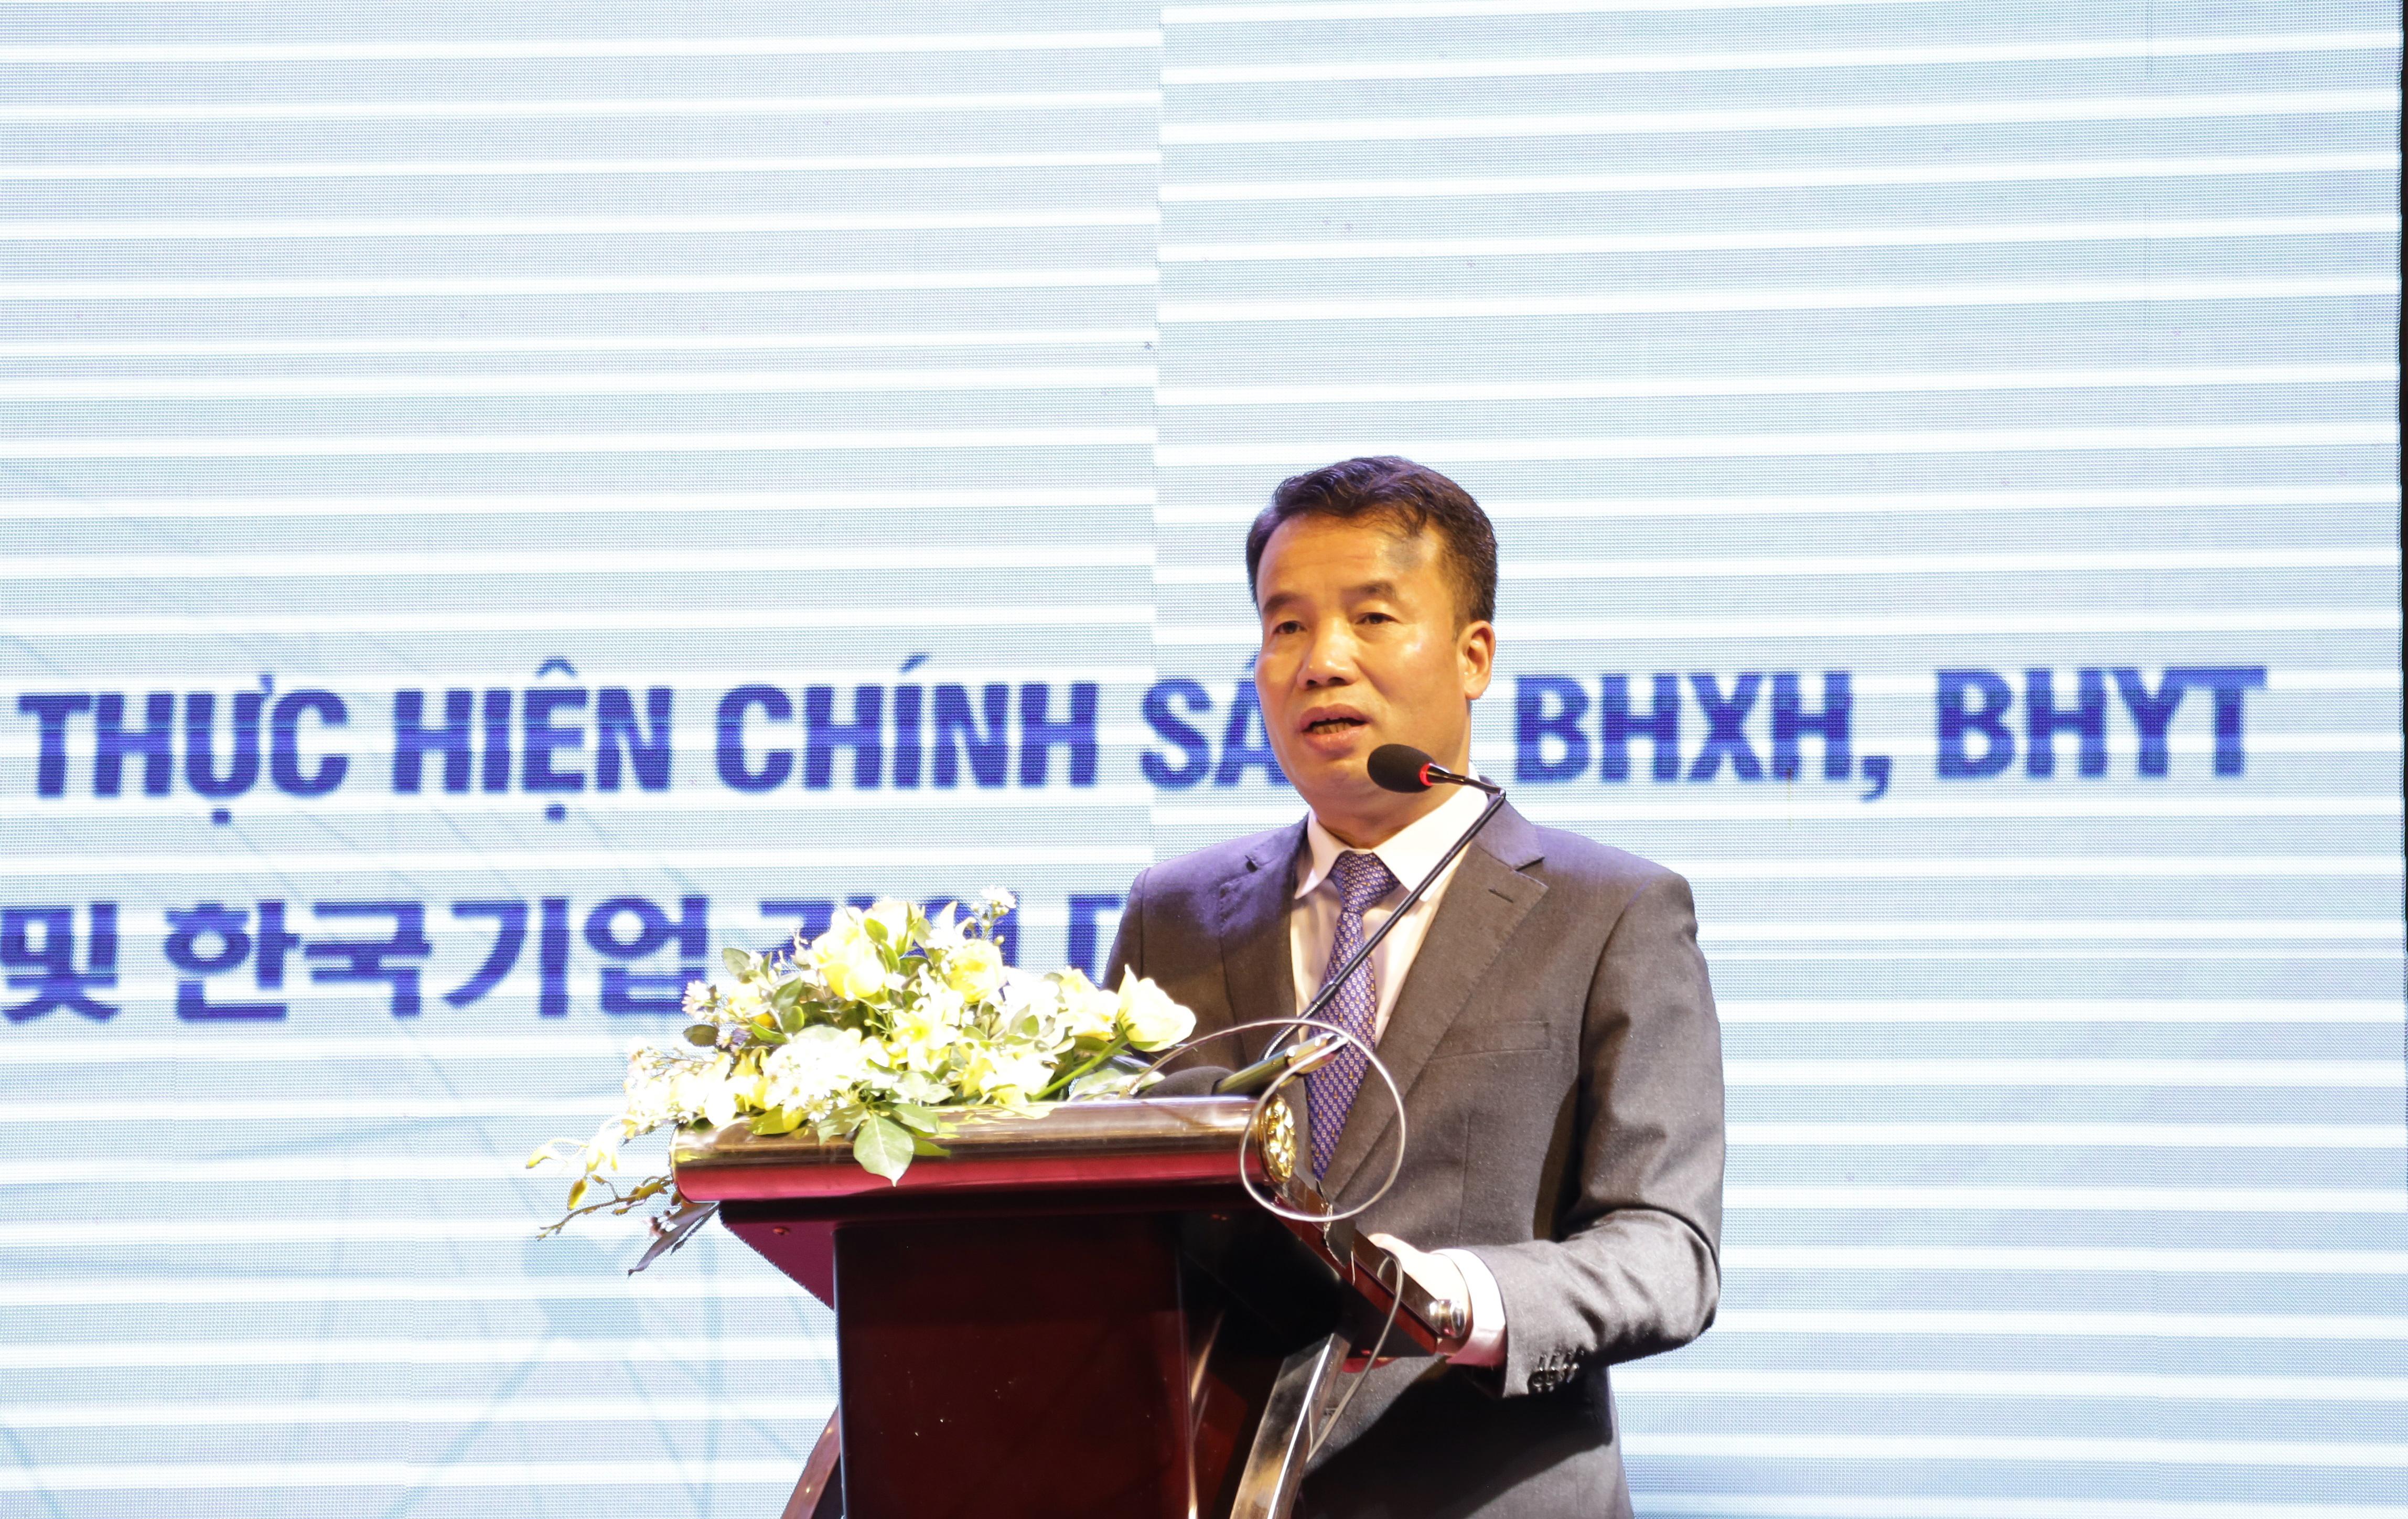 Tổng Giám đốc BHXH Việt Nam Nguyễn Thế Mạnh phát biểu tại Hội nghị đối thoại giữa BHXH Việt Nam với DN Hàn Quốc về thực hiện chính sách BHXH, BHYT.